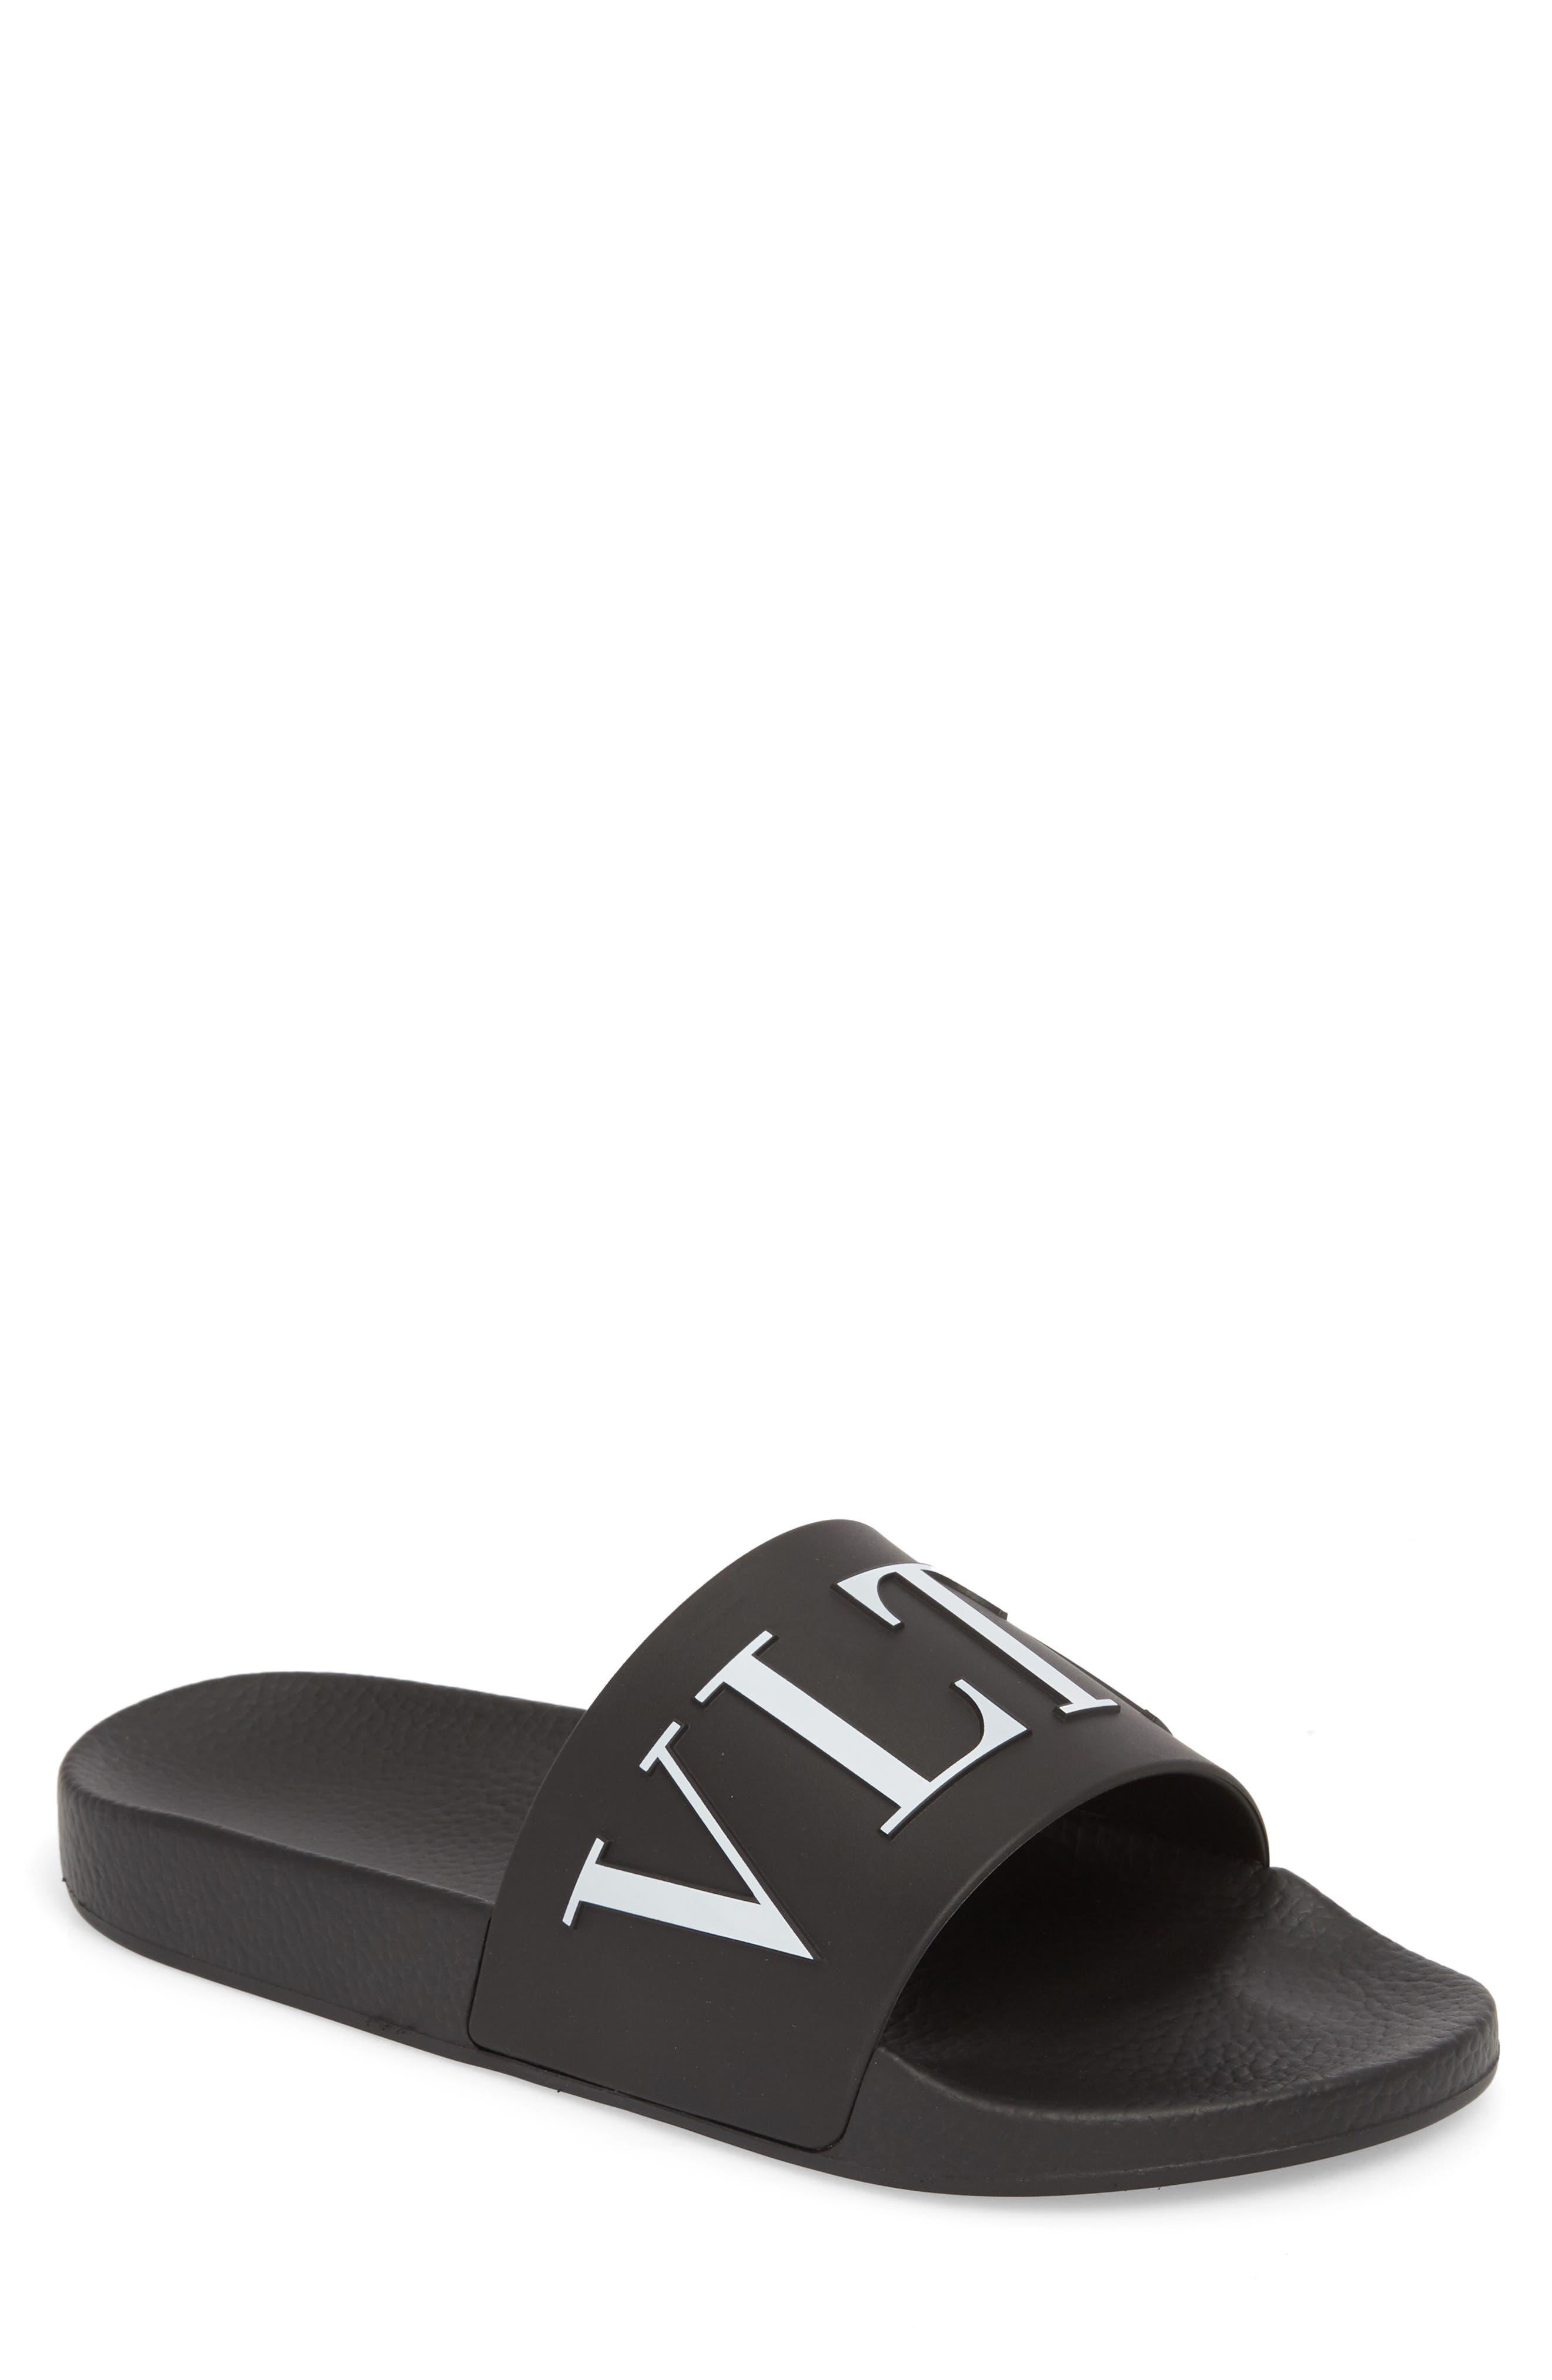 Slide Sandal,                         Main,                         color, Black/ White